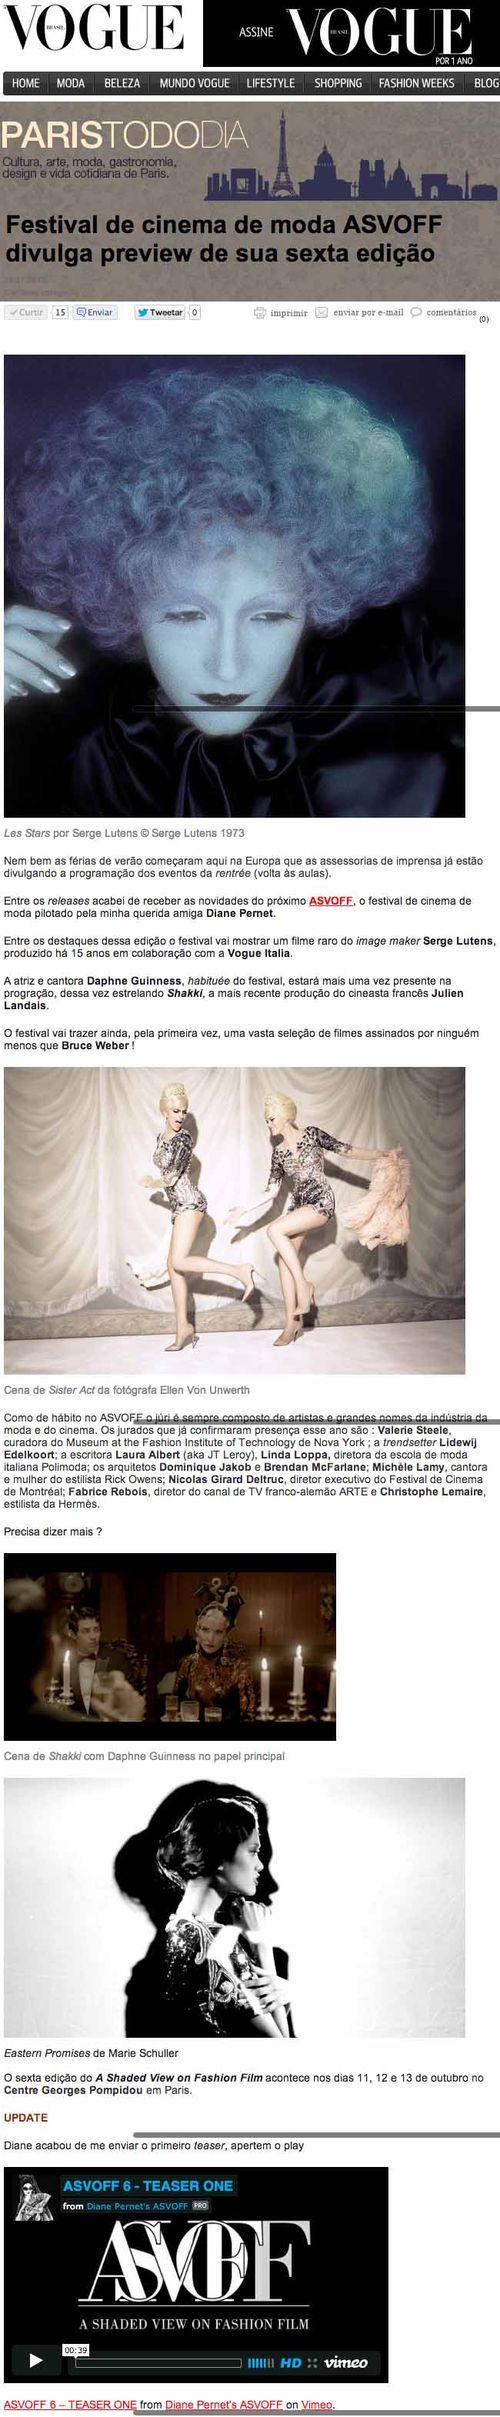 ASVOFF Vogue Brazil copy